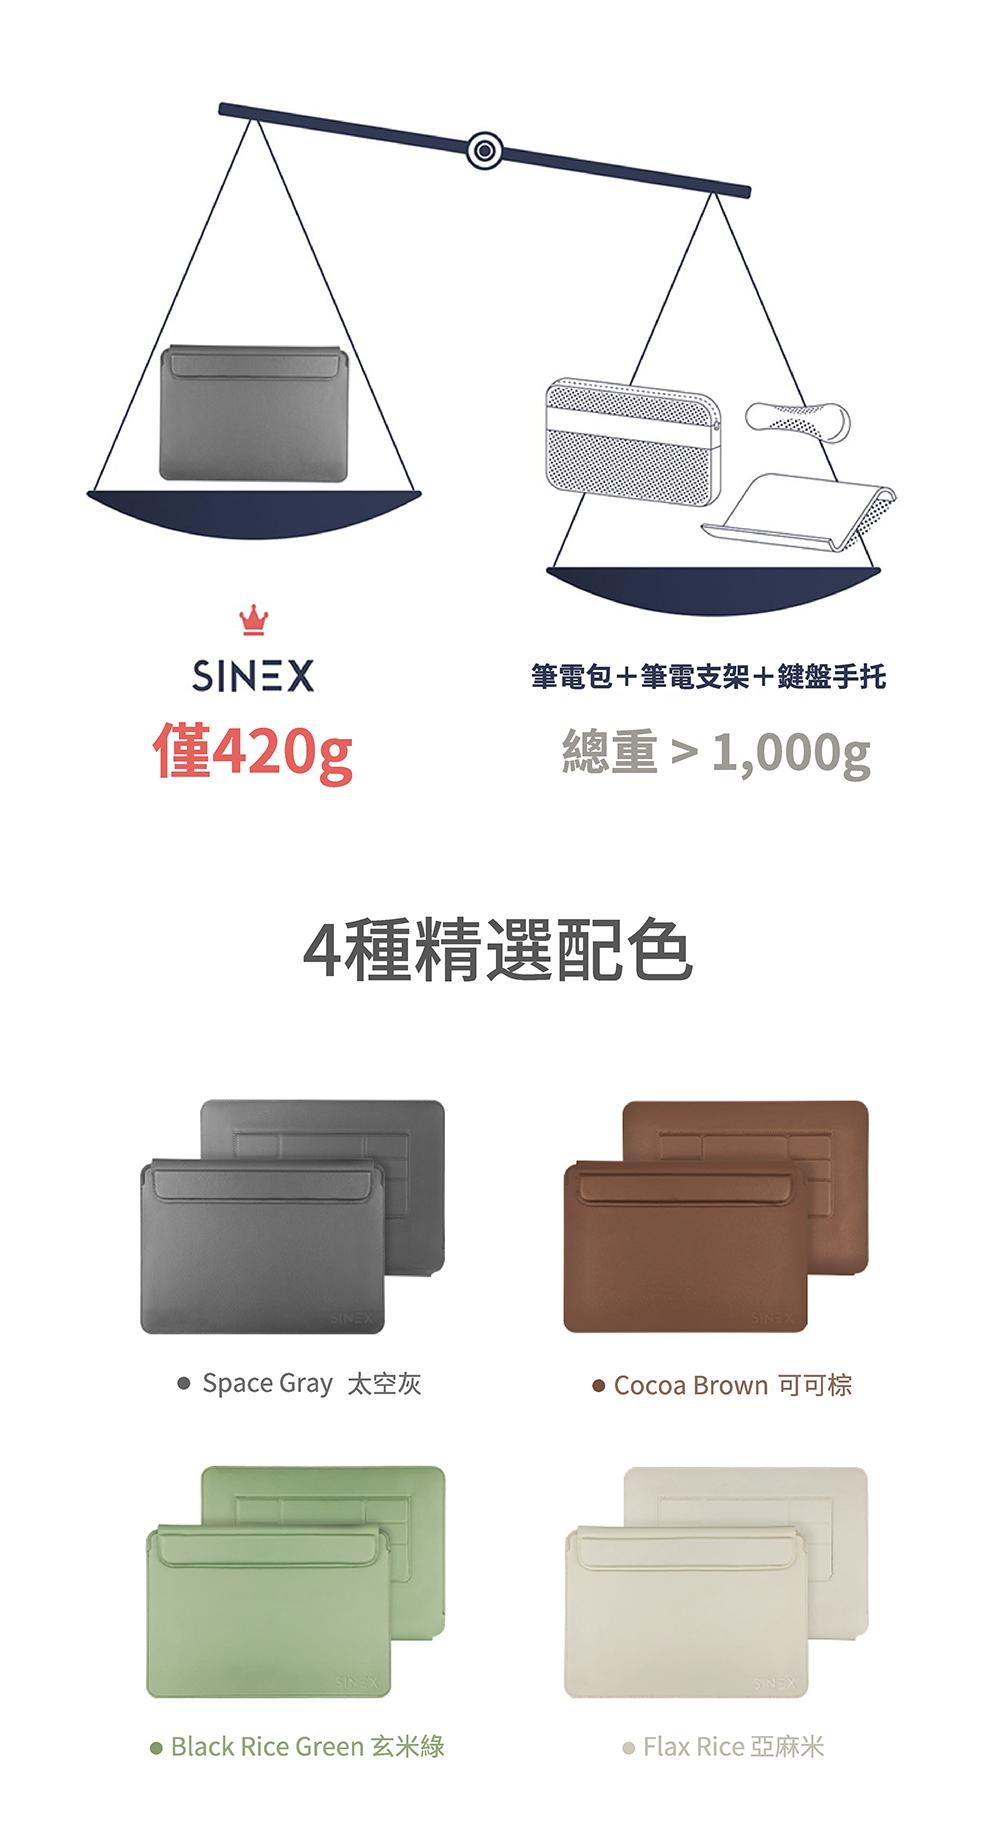 【SINEX】全球首款 3 合 1 變形筆電包 適用13/14吋筆電 (收納包+筆電架+鍵盤手托) - SINEX電腦包簡介 08